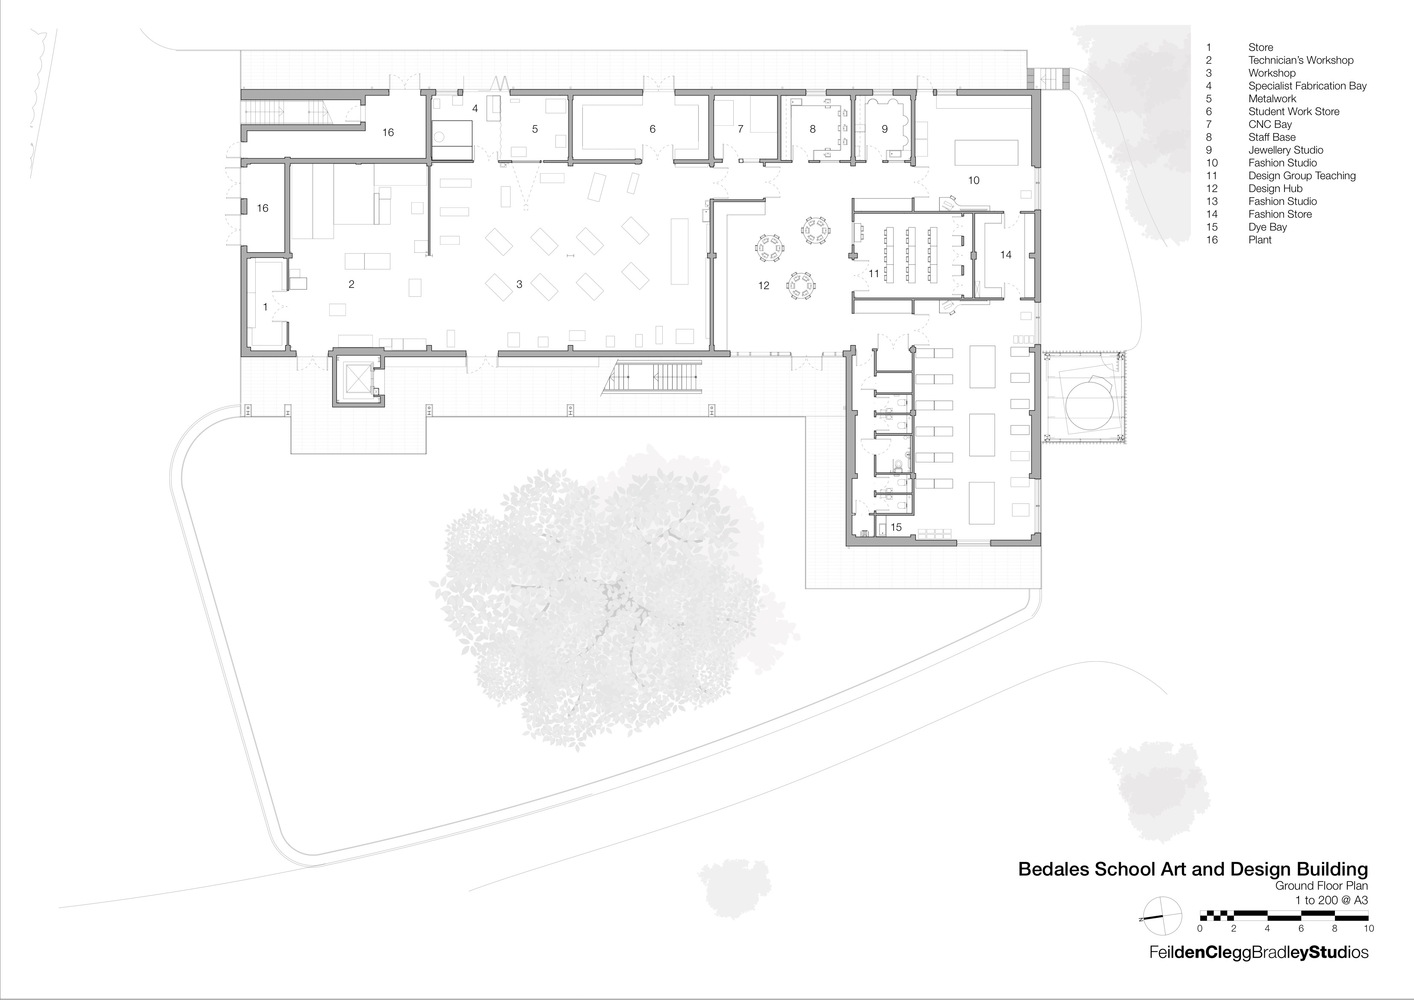 Bedales school art and design feilden clegg bradley studios ground floor plan